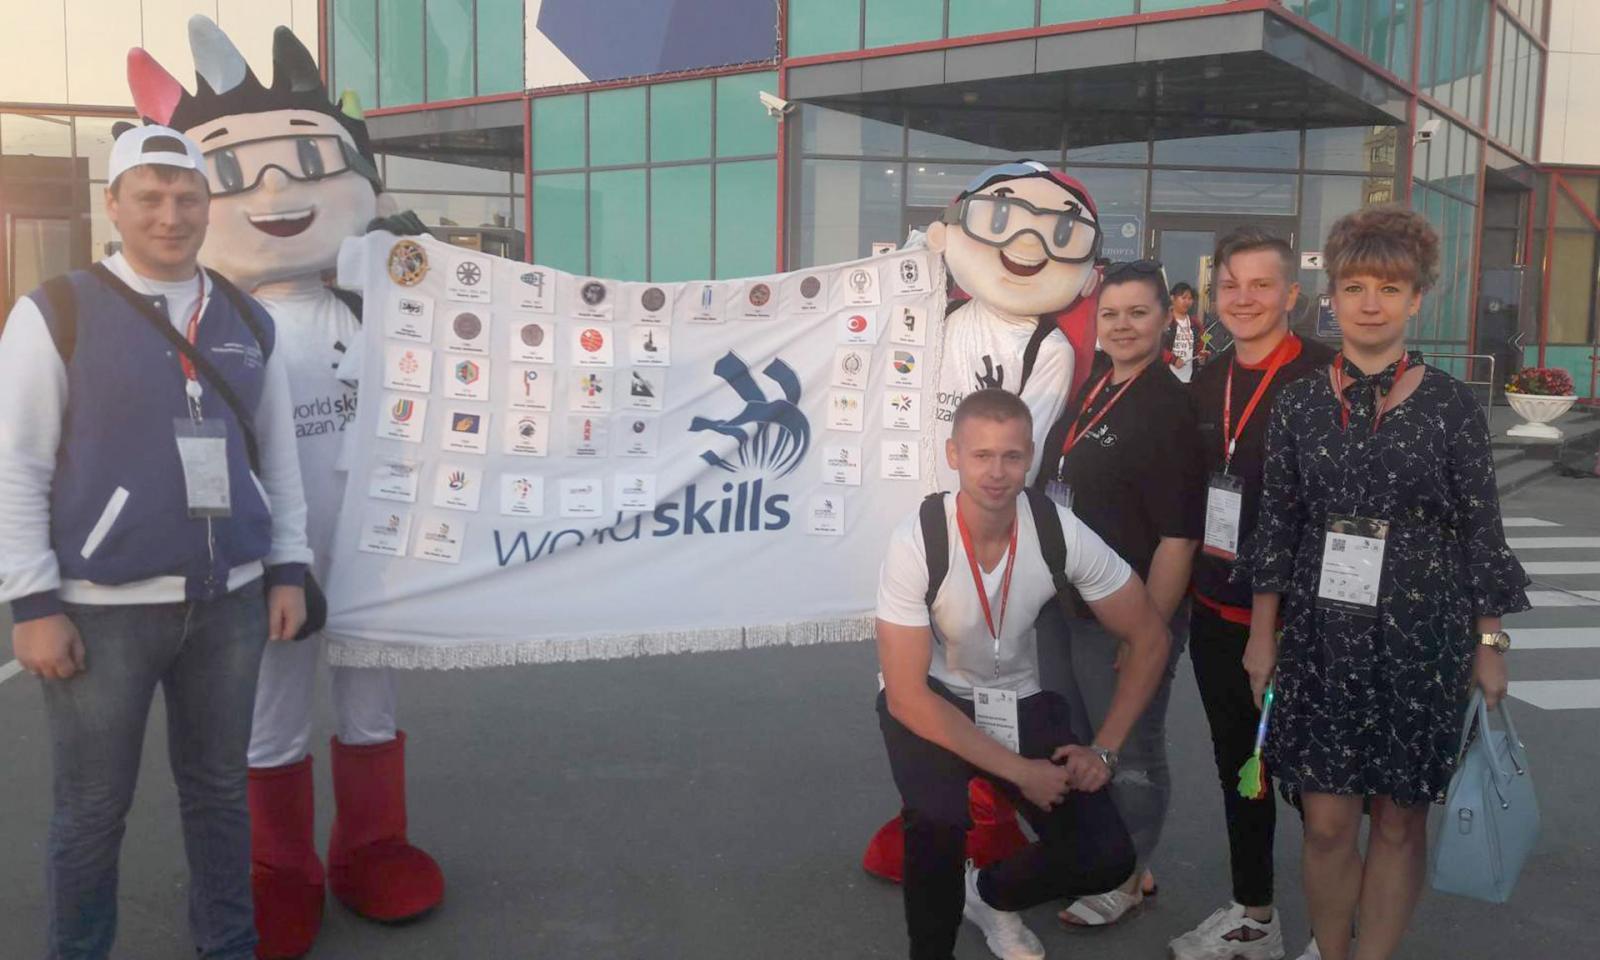 Брянец взял первое место на чемпионате WordSkills Russia